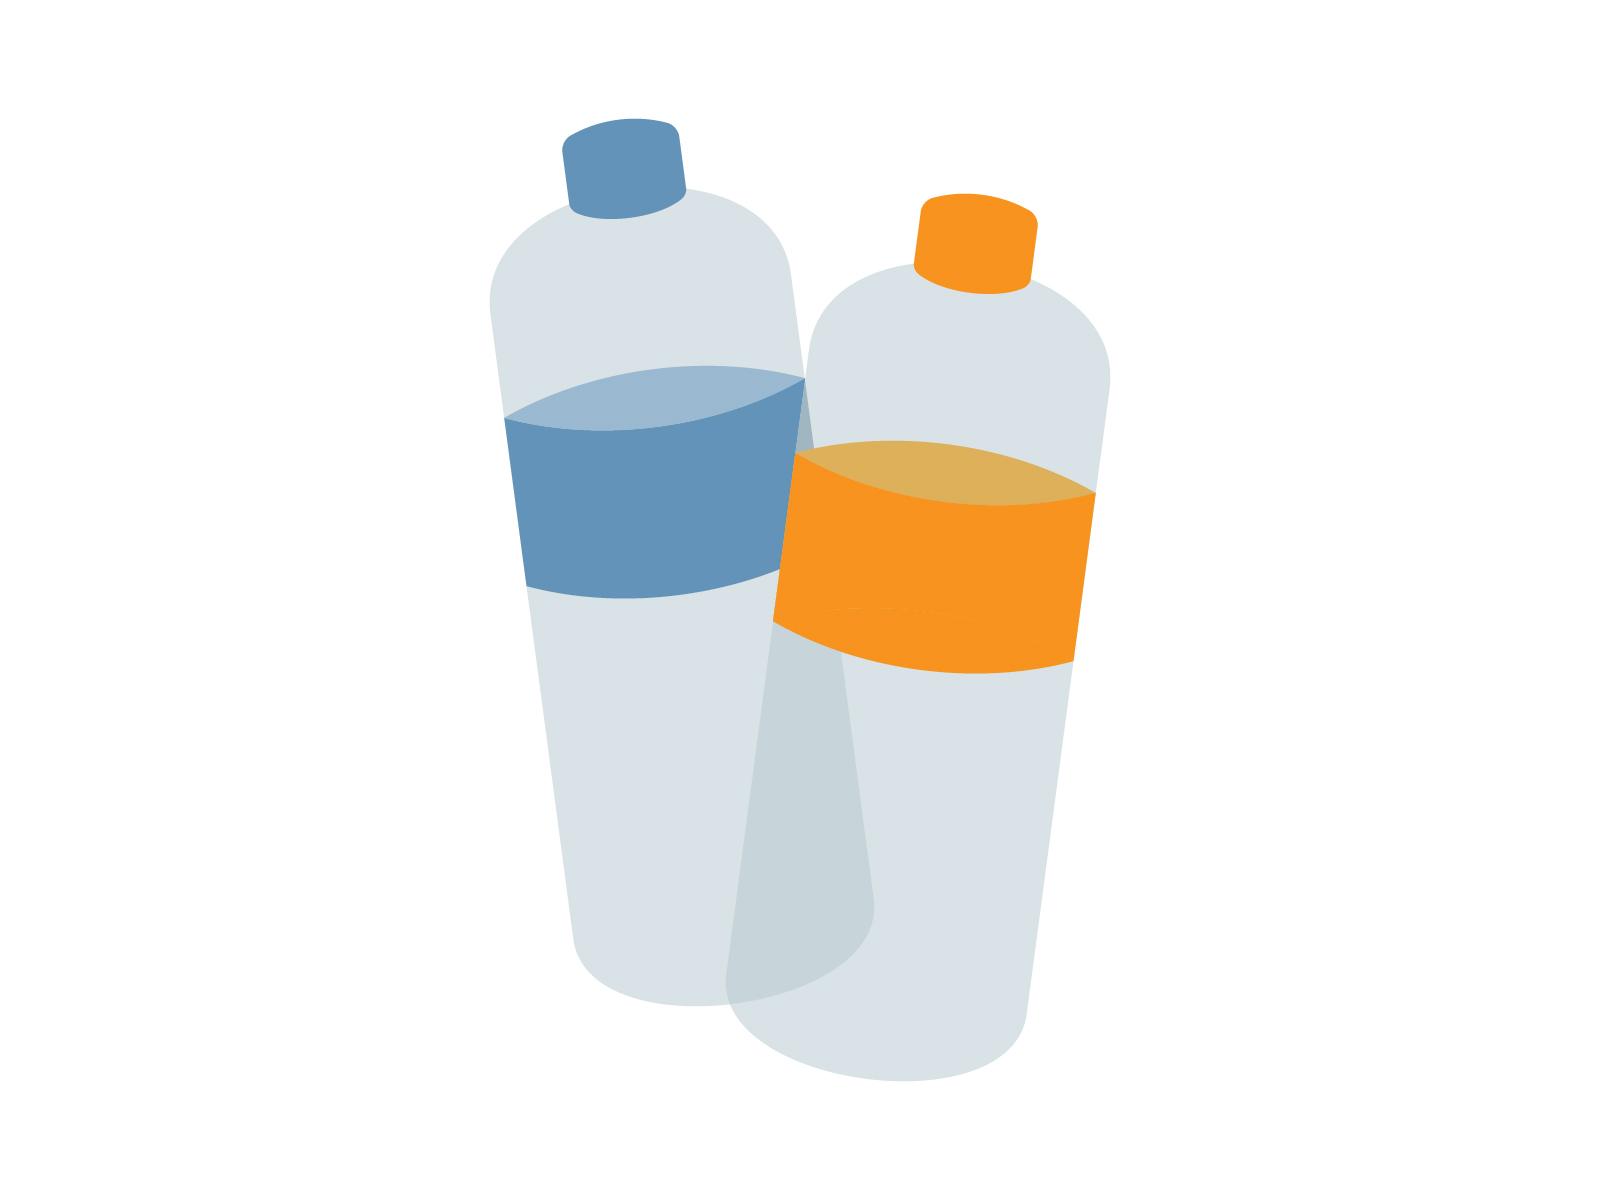 素材 ペットボトル 2本 水 茶 ジュース